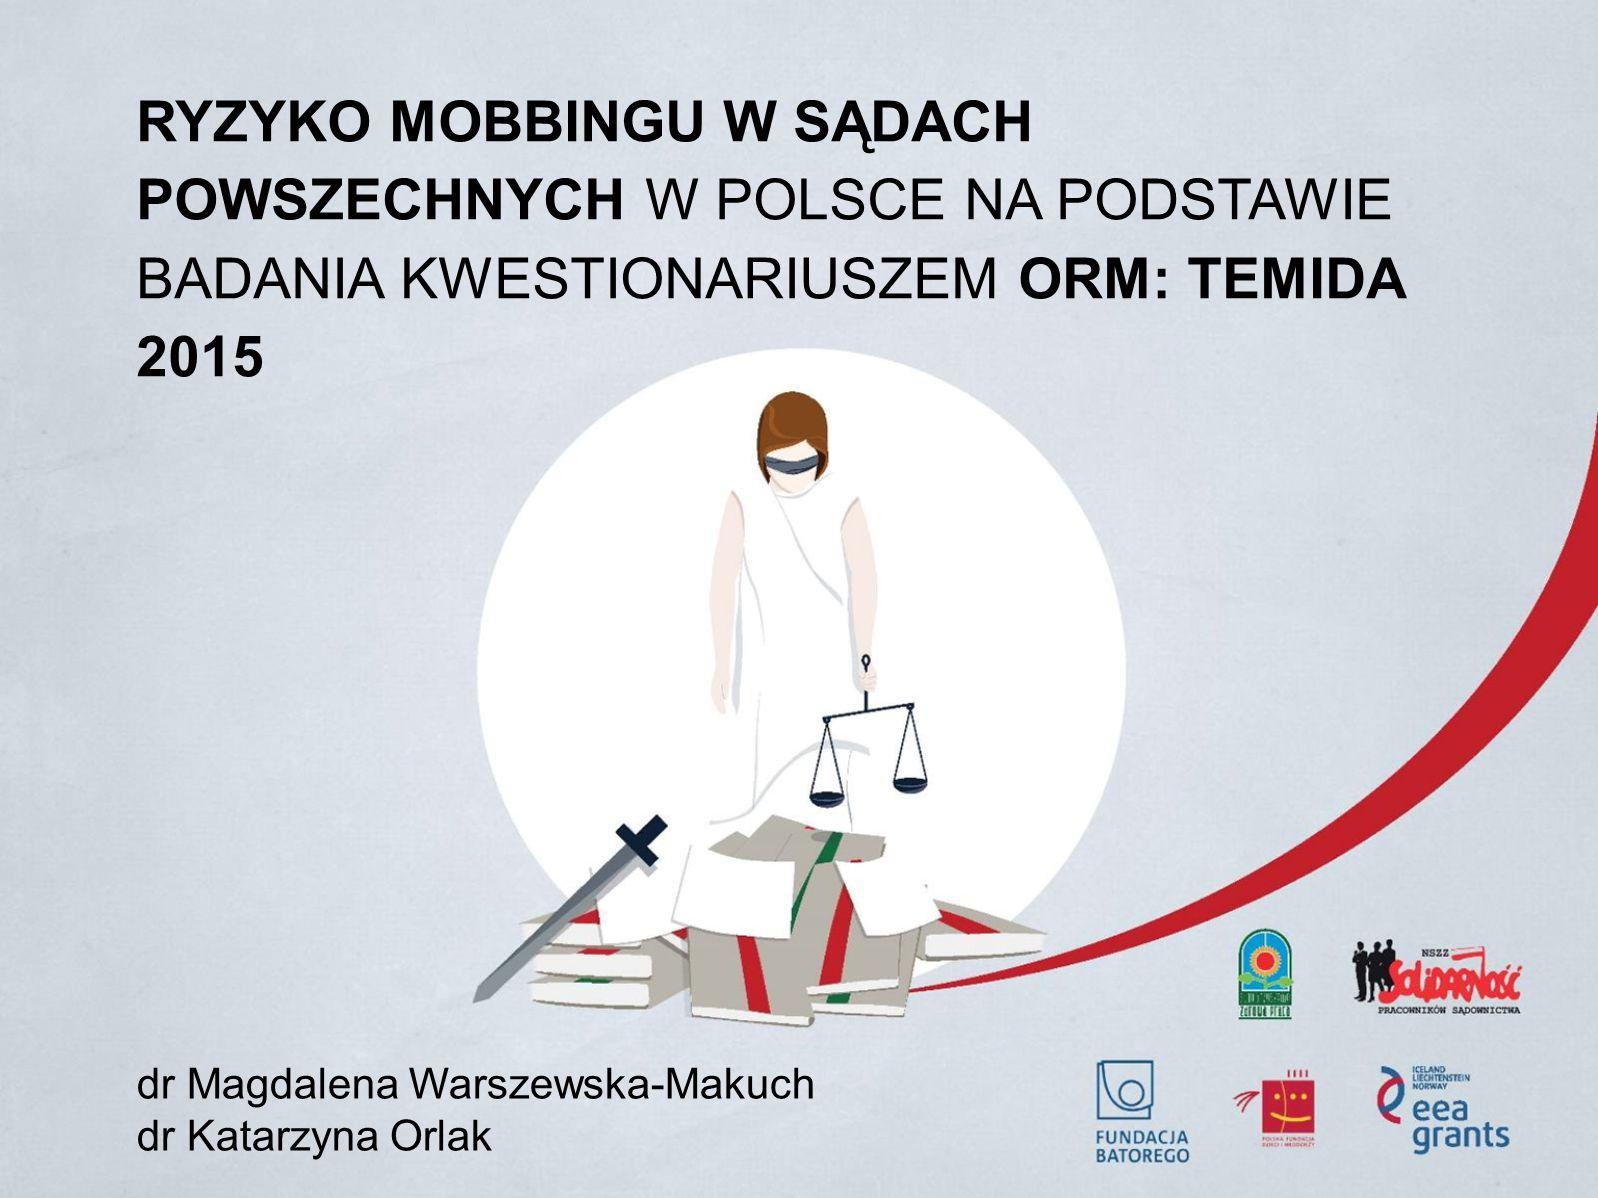 RYZYKO MOBBINGU W SĄDACH POWSZECHNYCH W POLSCE NA PODSTAWIE BADANIA KWESTIONARIUSZEM ORM: TEMIDA 2015 dr Magdalena Warszewska-Makuch dr Katarzyna Orlak